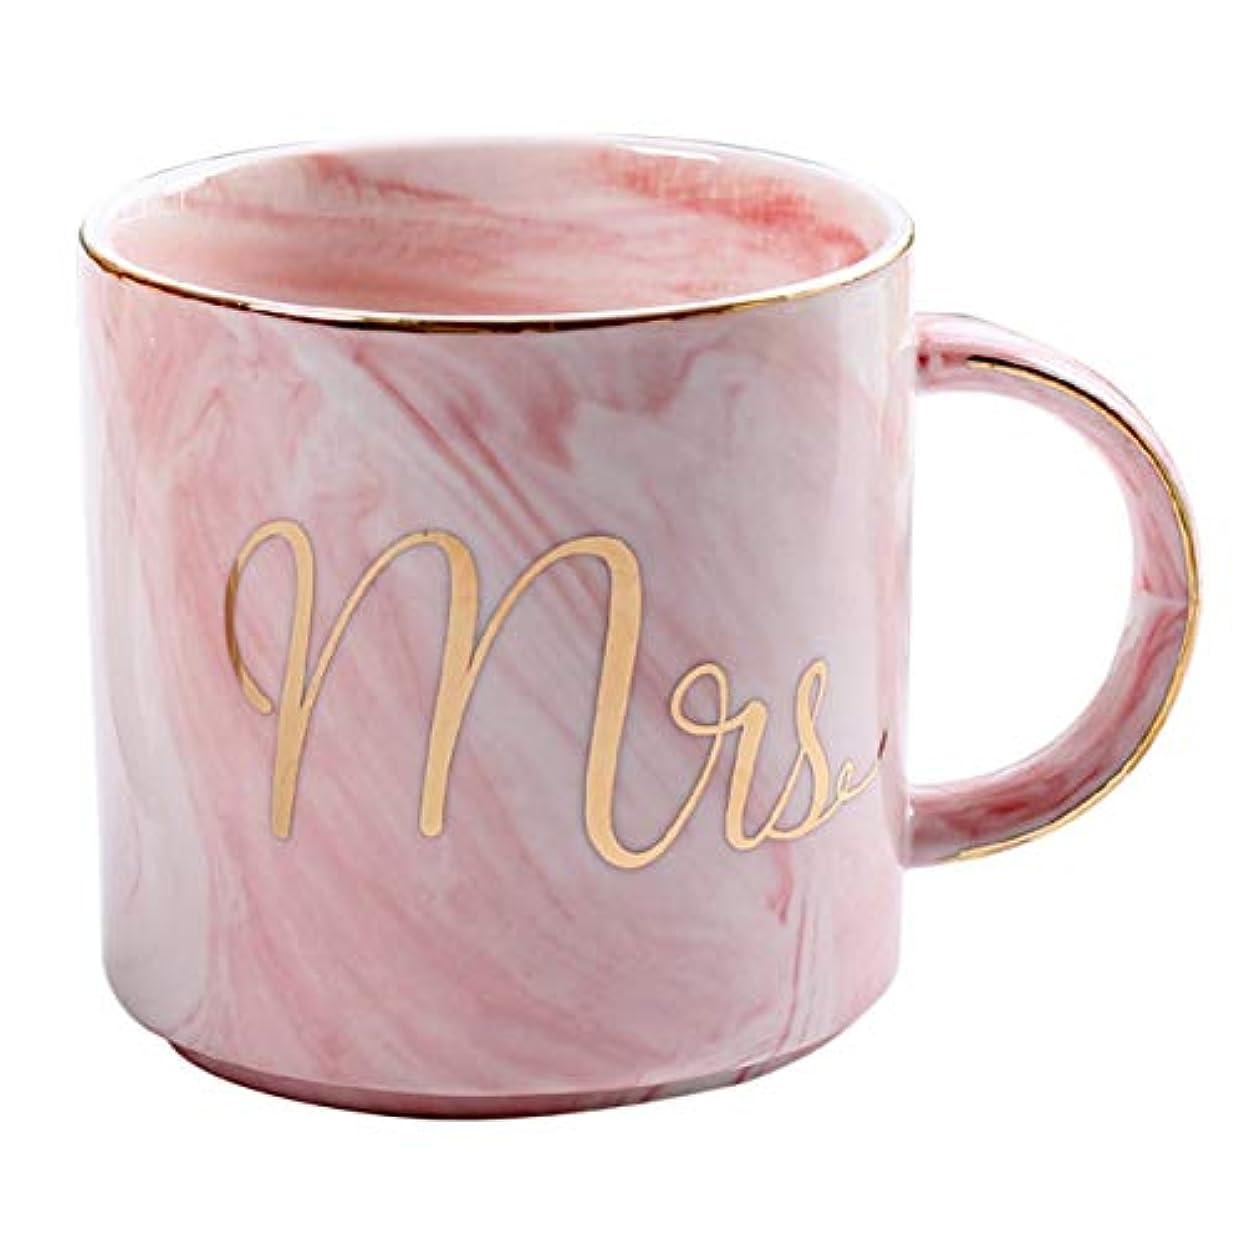 Saikogoods 愛好家のためのホームオフィスベストギフトのための美しいMarbelパターンセラミック水マグレタープリントコーヒーカップ ピンク